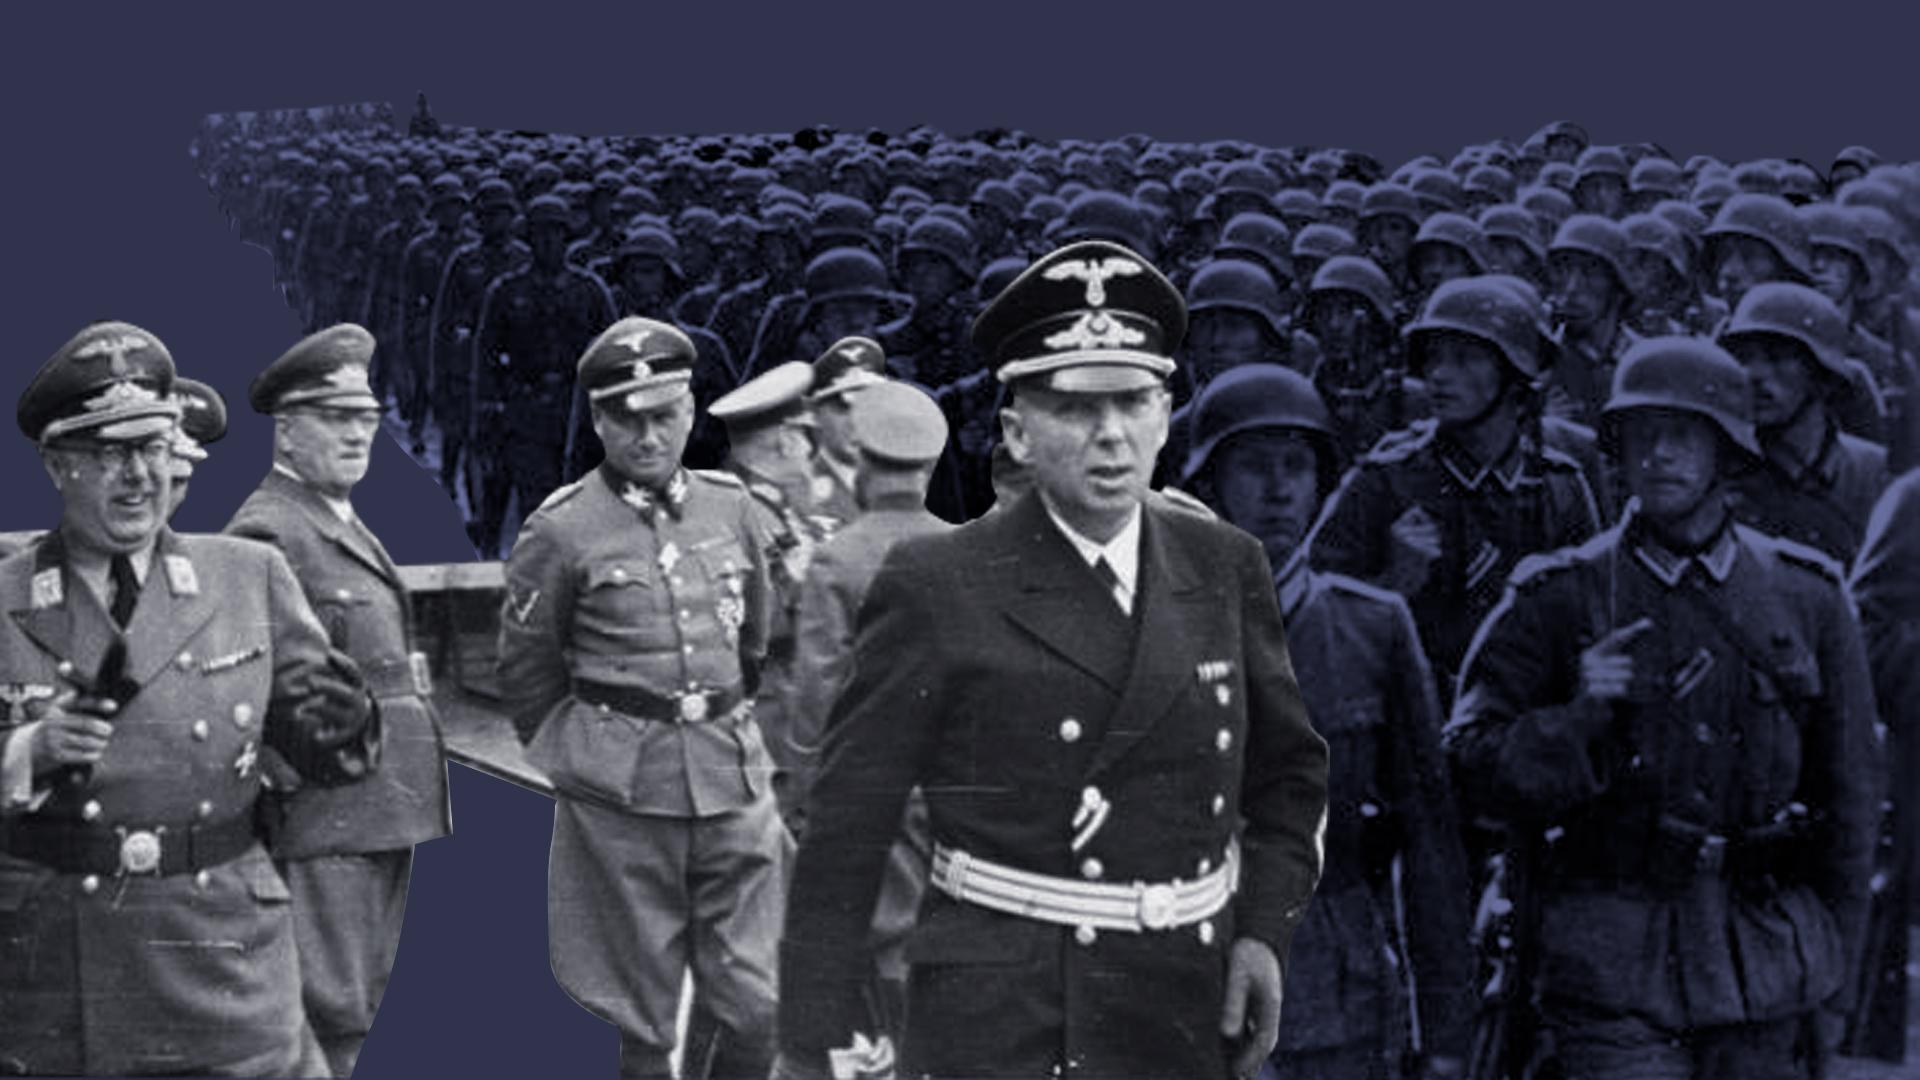 'Империя наоборот': за что прощали 'лесных братьев' и почему каратели Прибалтики не понесли наказания за свои зверства